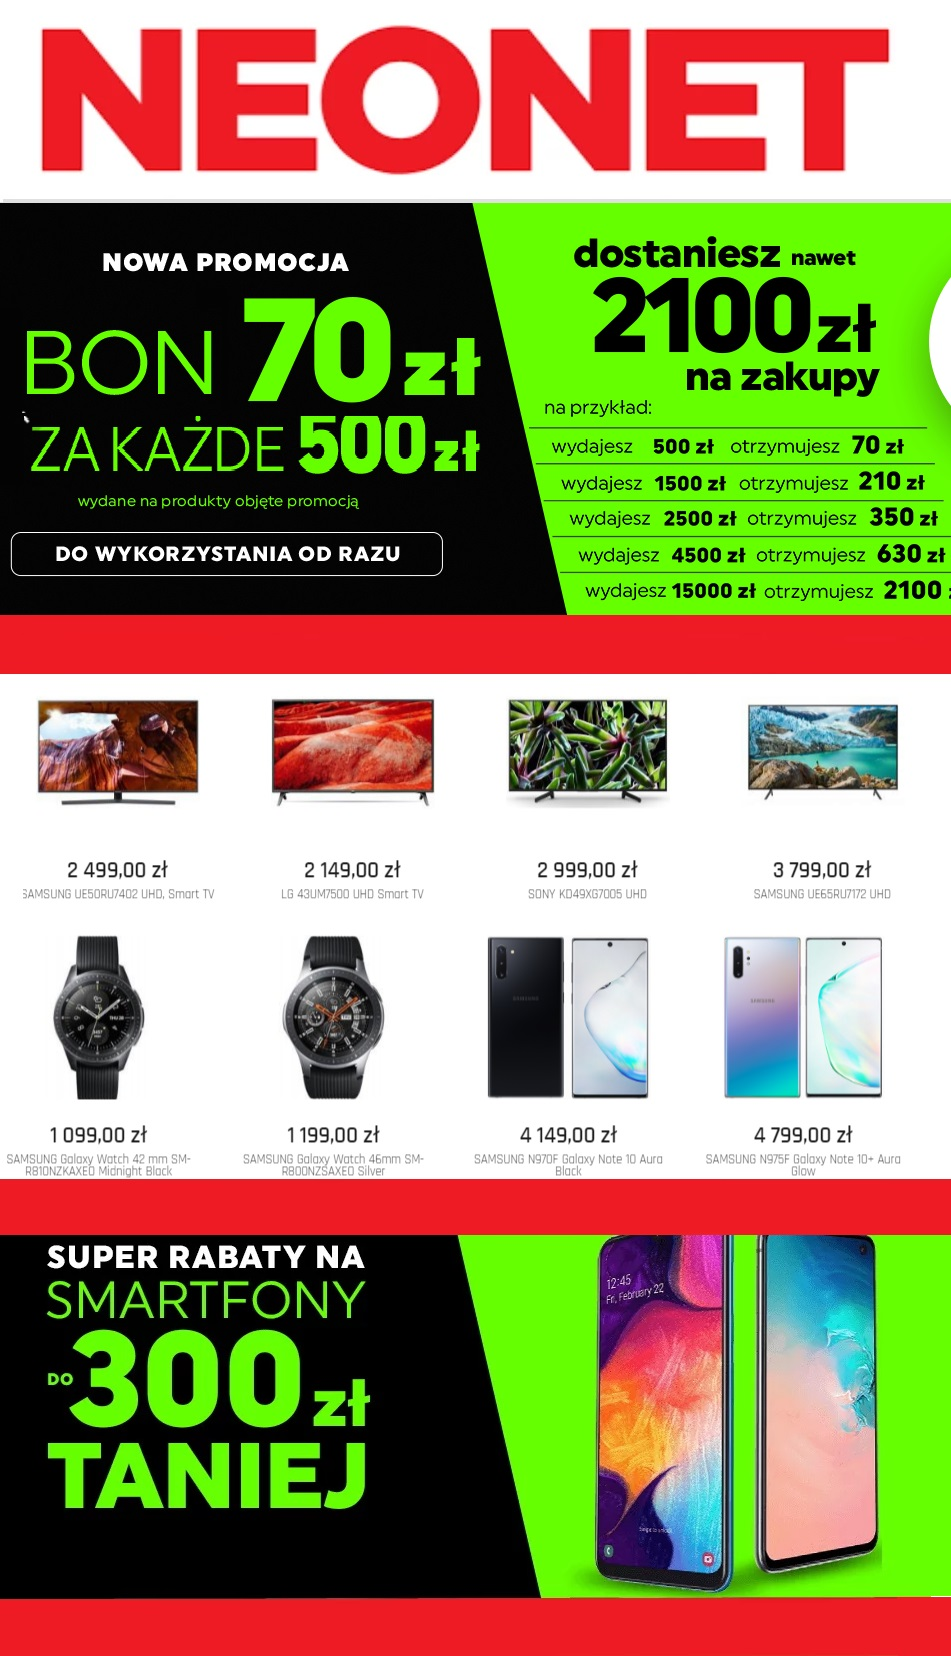 Gazetka promocyjna Neonet - 20.09-26.09.2019